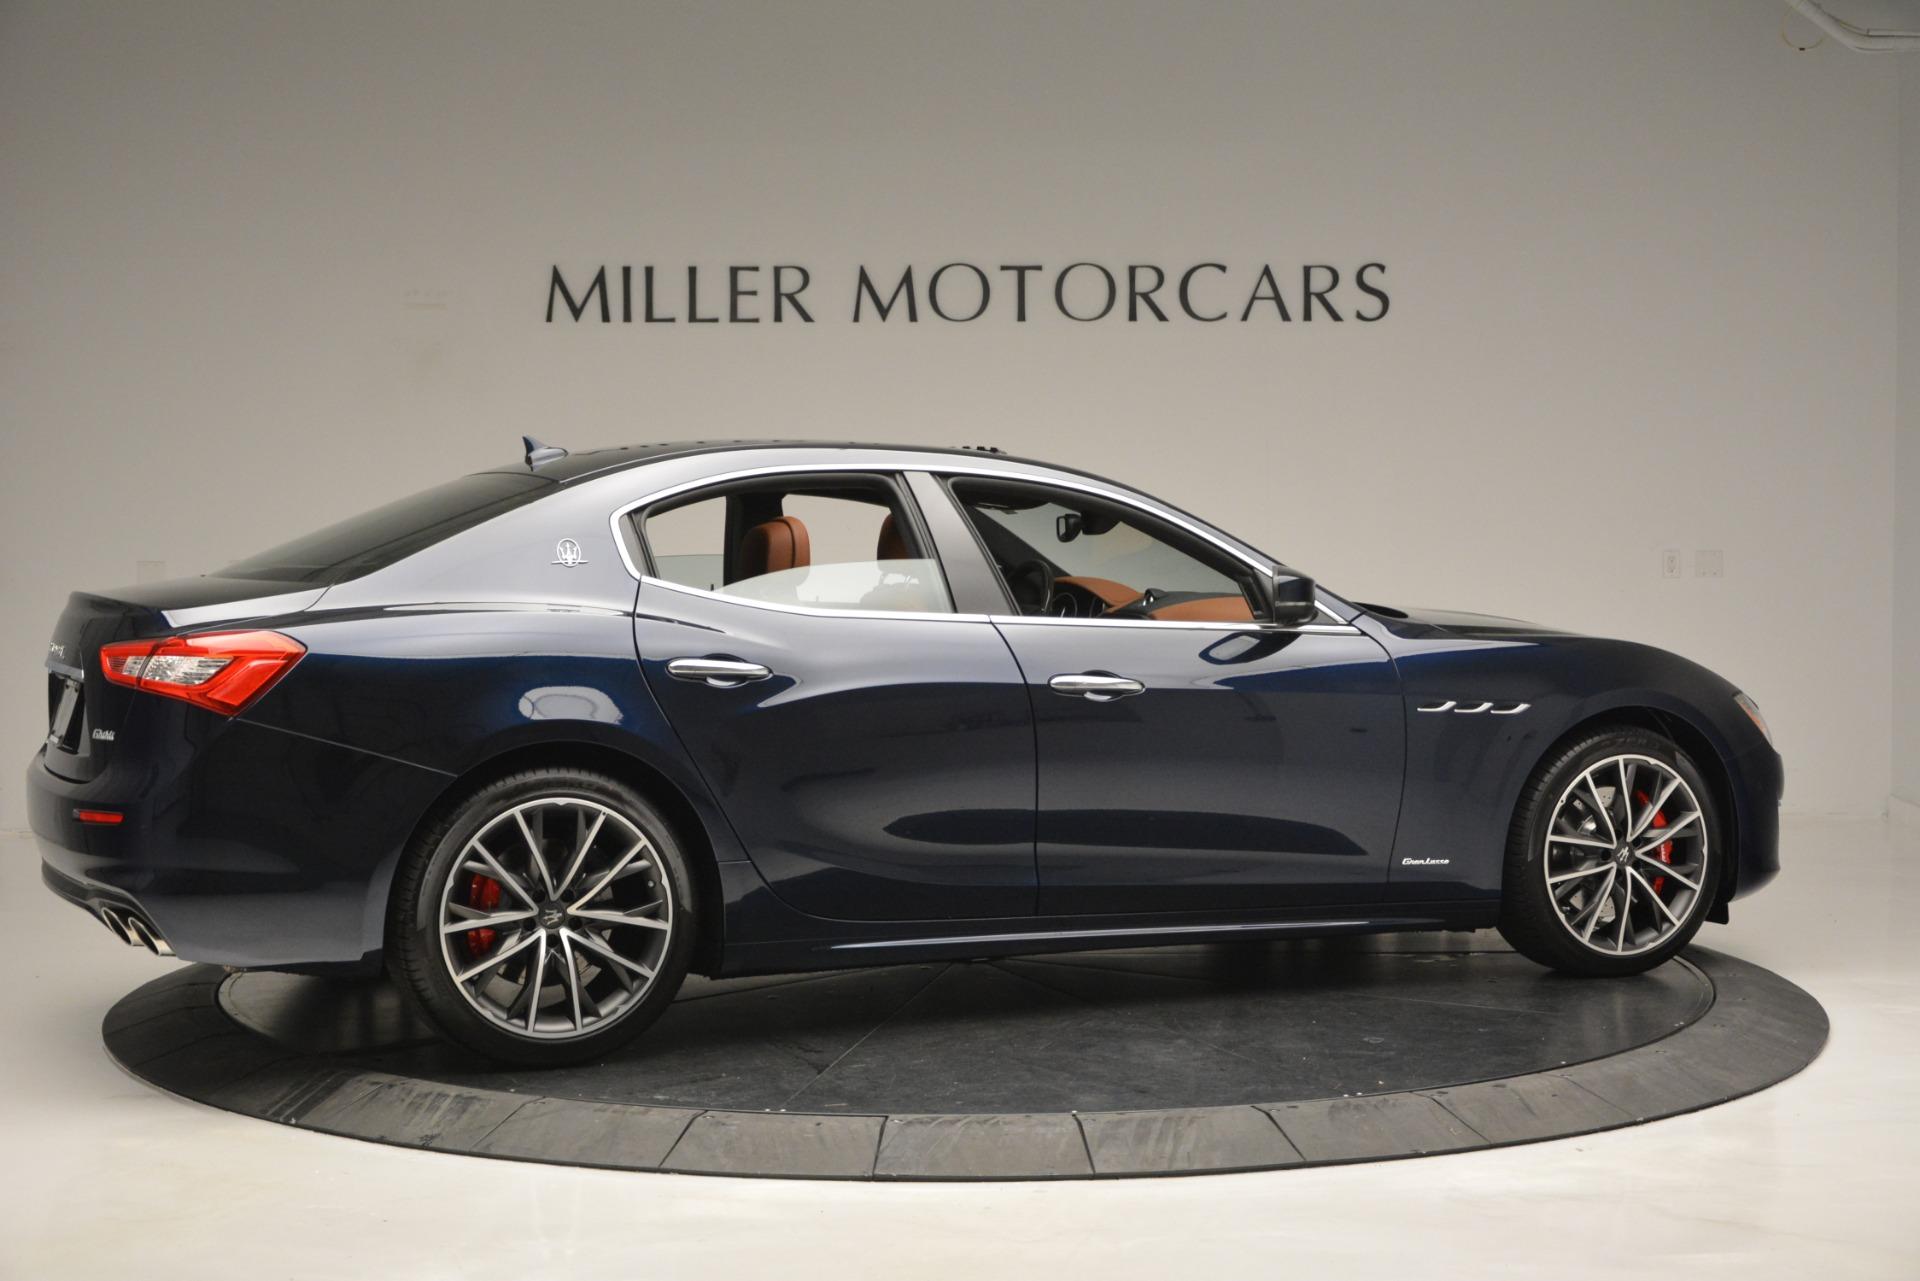 New 2019 Maserati Ghibli S Q4 GranLusso For Sale In Greenwich, CT. Alfa Romeo of Greenwich, M2251 2882_p12